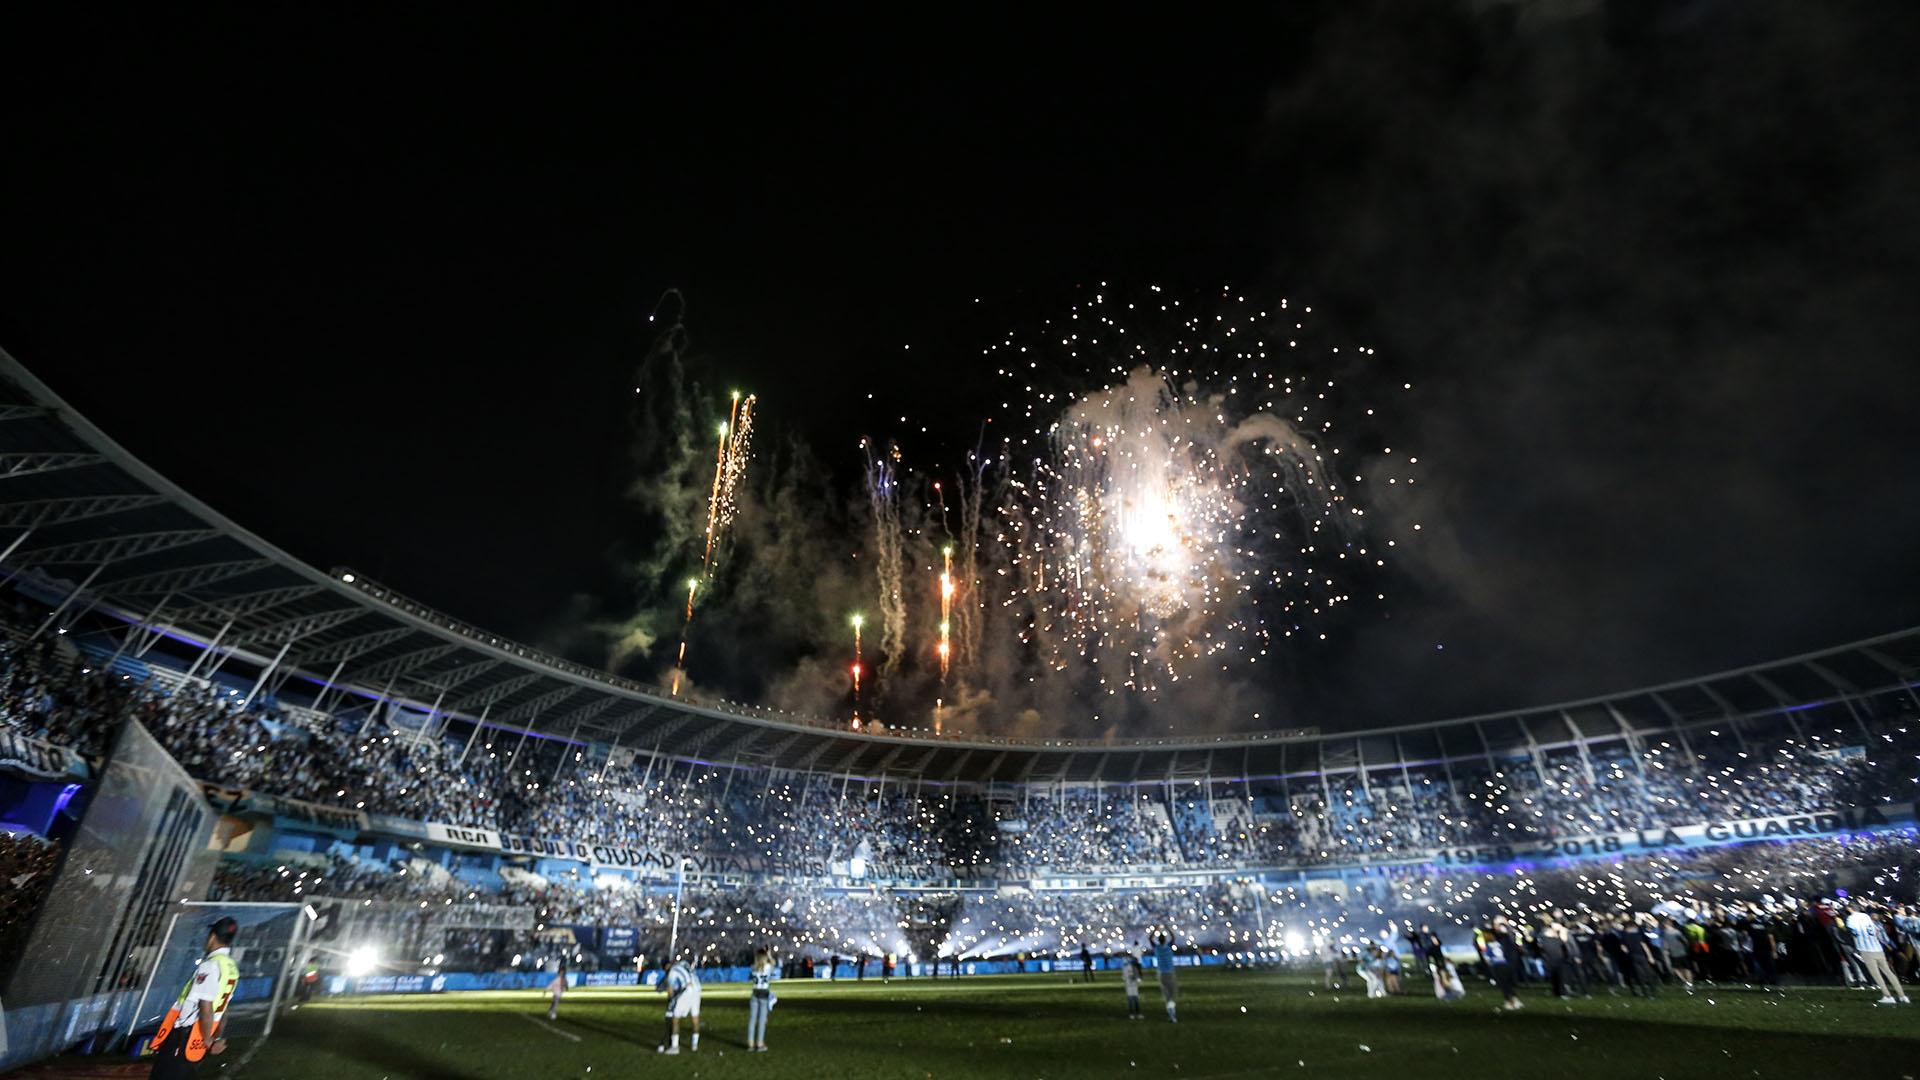 La fiesta en el Cilindro se cerró con fuegos artificiales (Foto: Nicolás Aboaf)